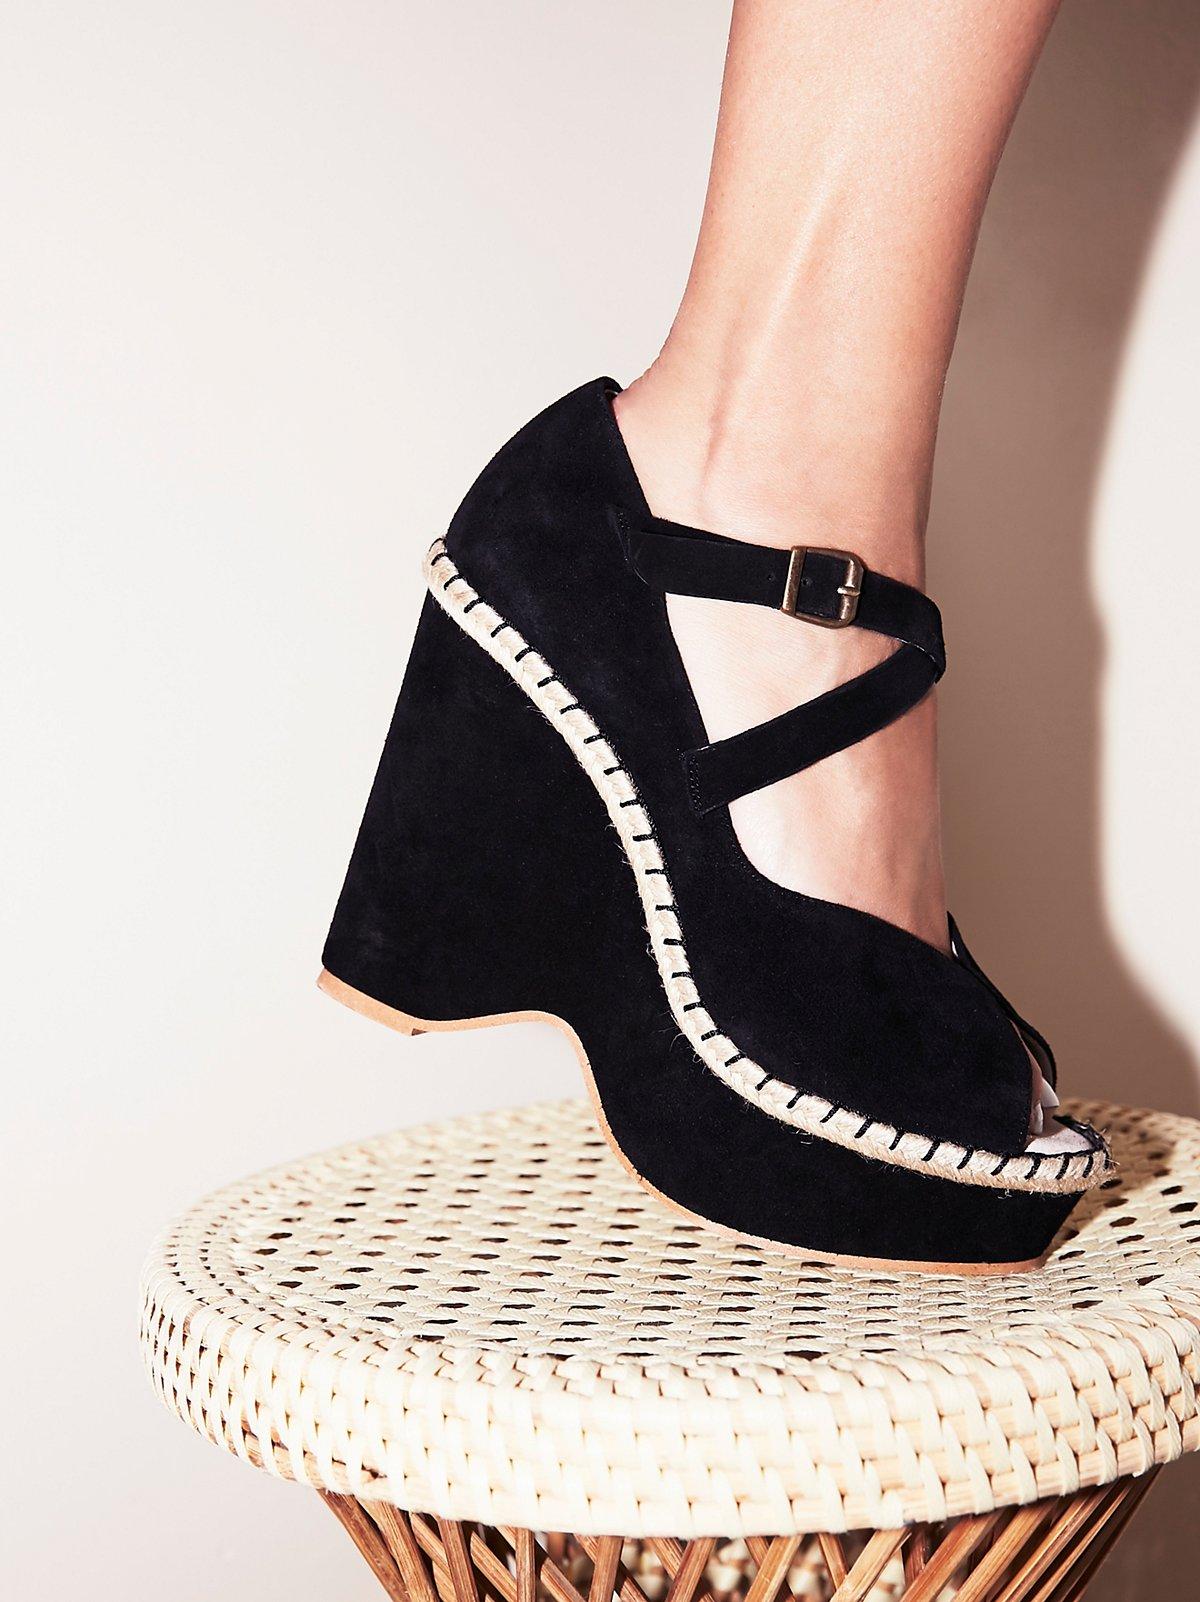 Terrace厚底鞋